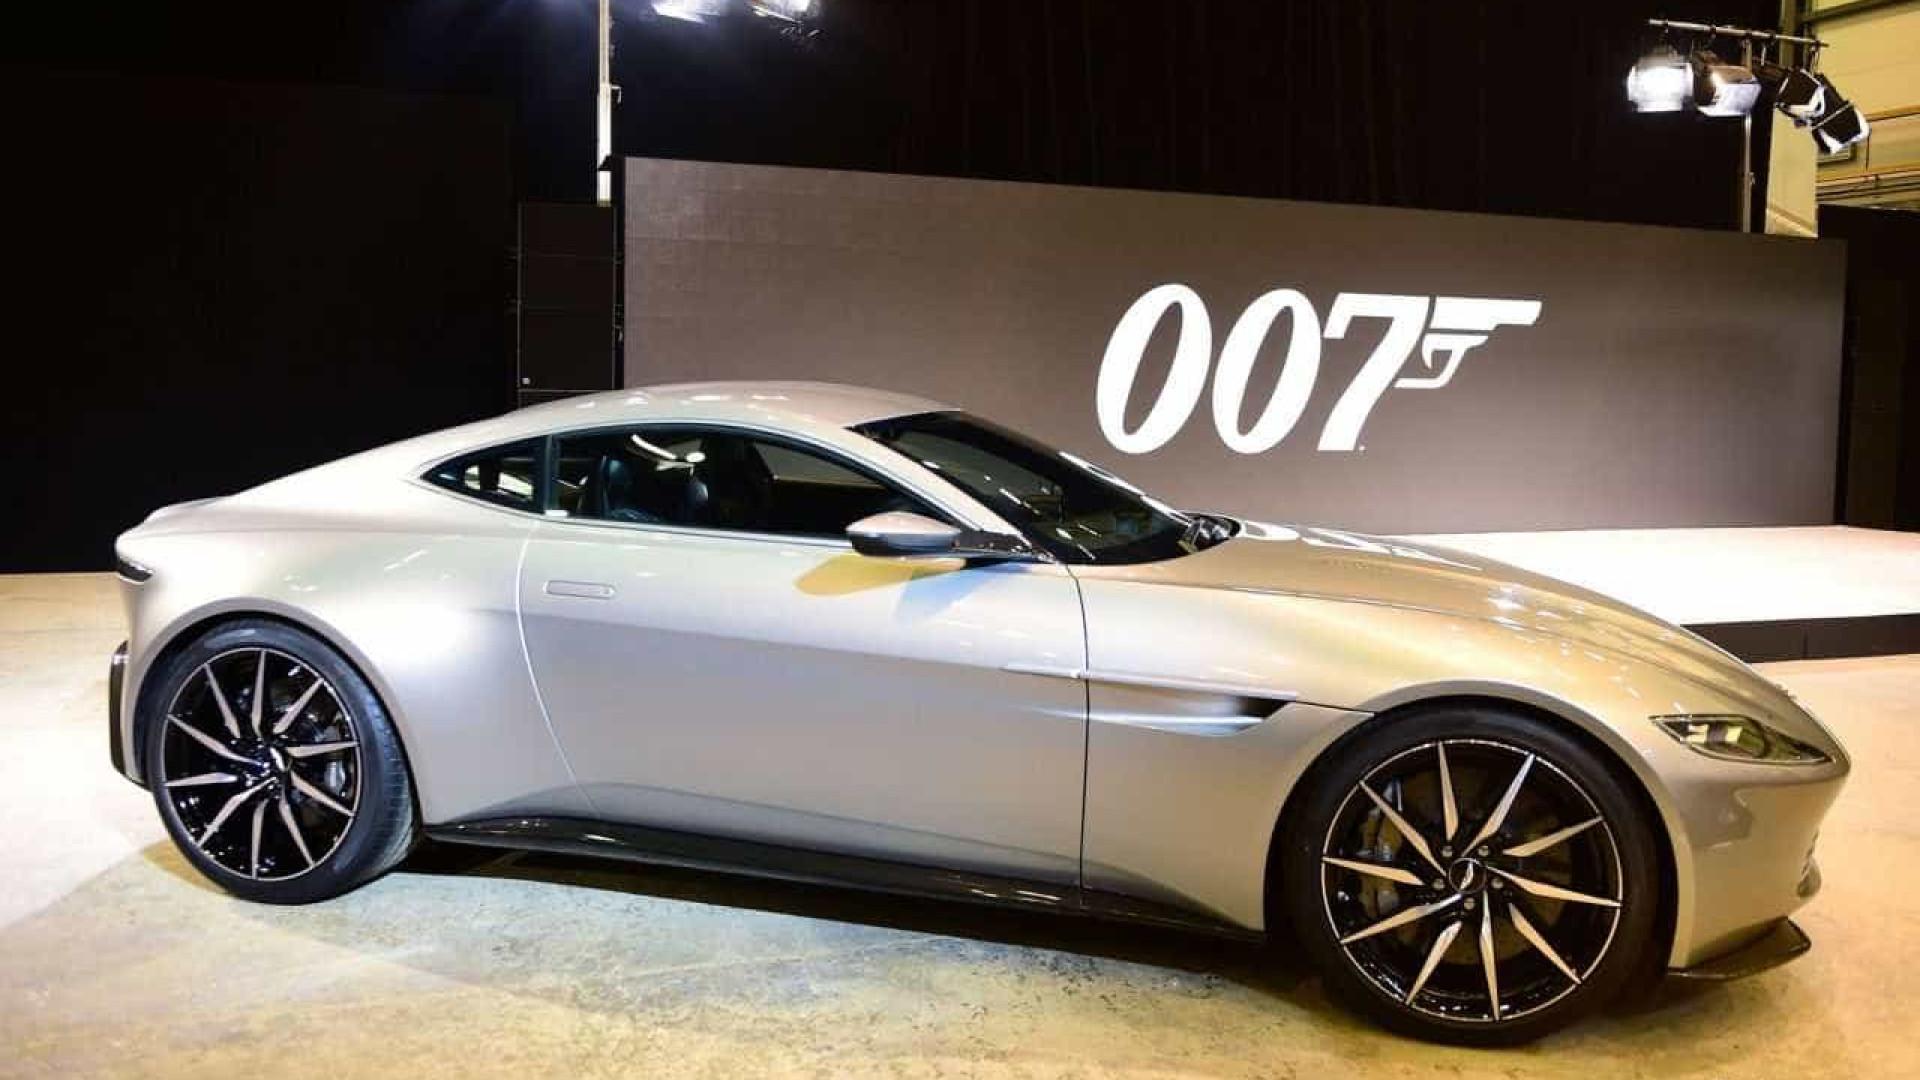 Réplicas do carro de James Bond serão vendidas por R$ 13 milhões